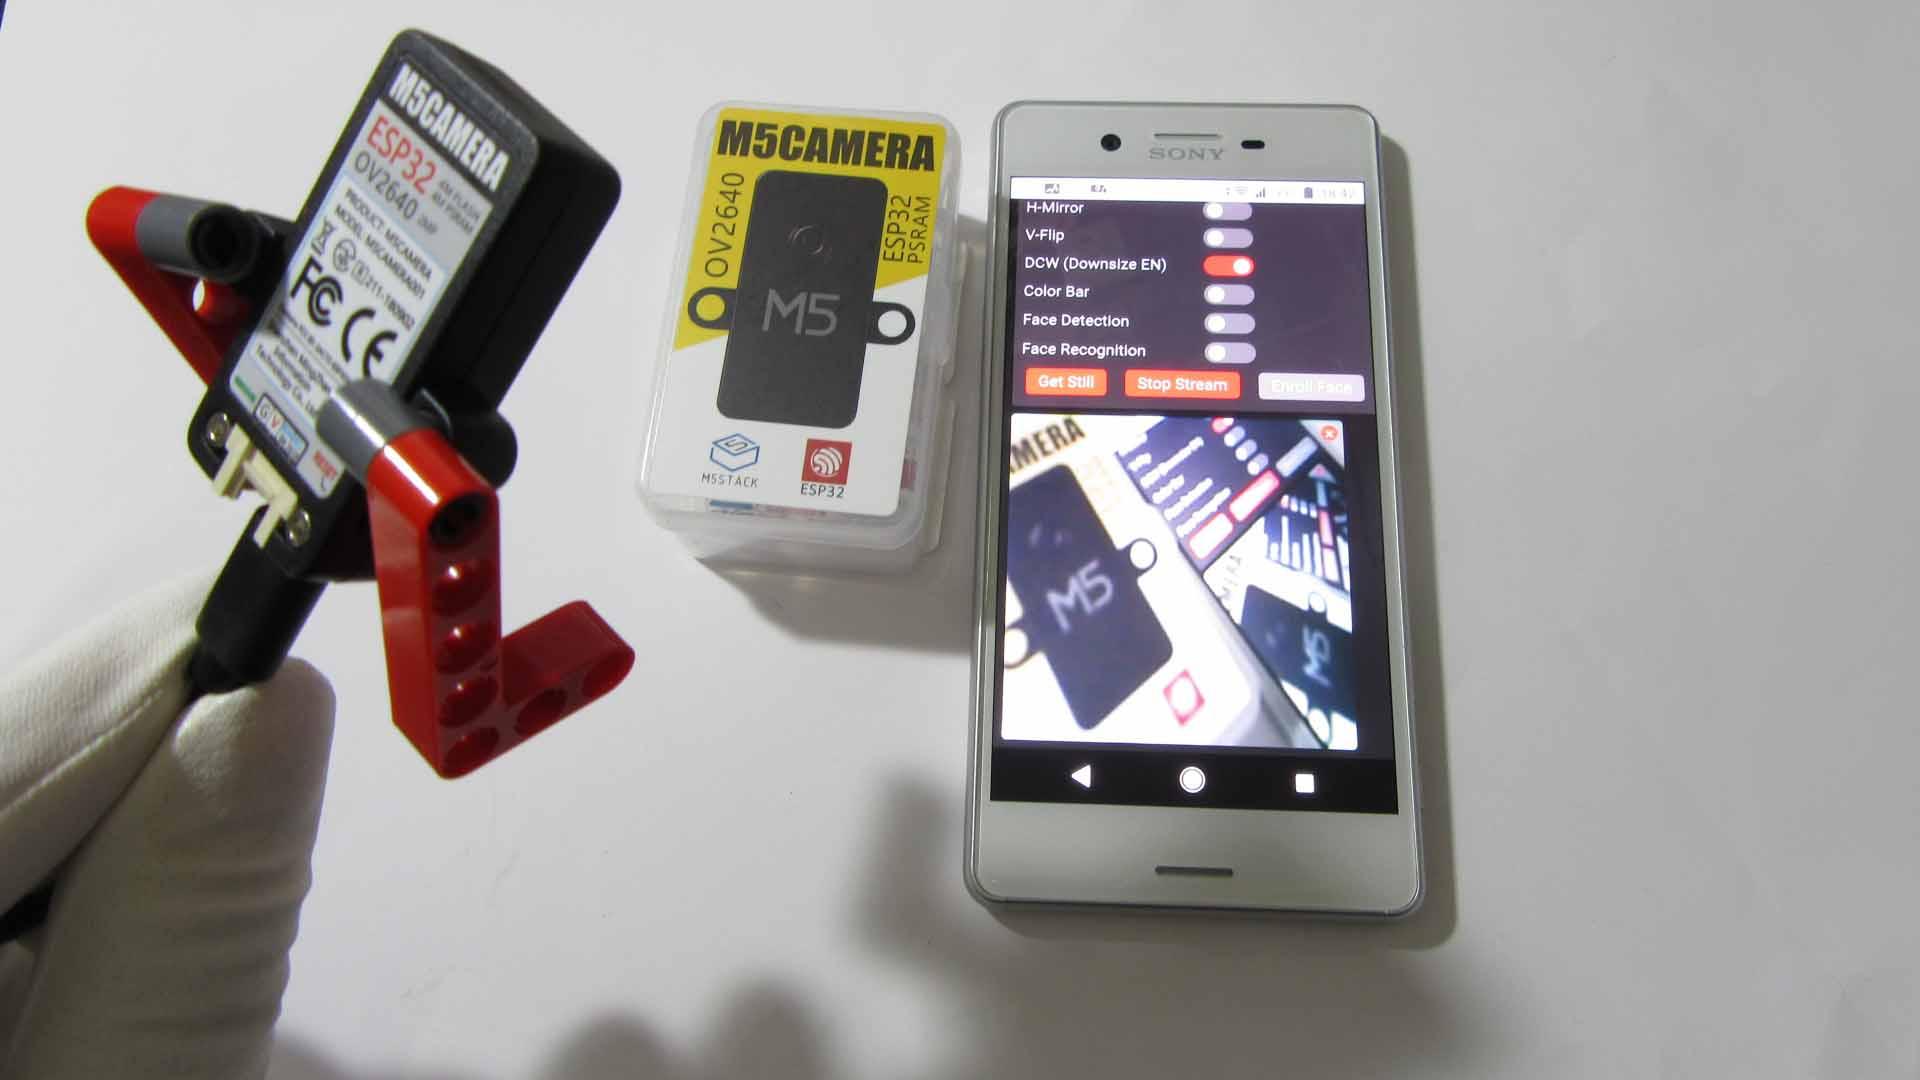 M5Camera をレビューしてみた。分解したり、Arduino IDE でスマホに映したりする実験